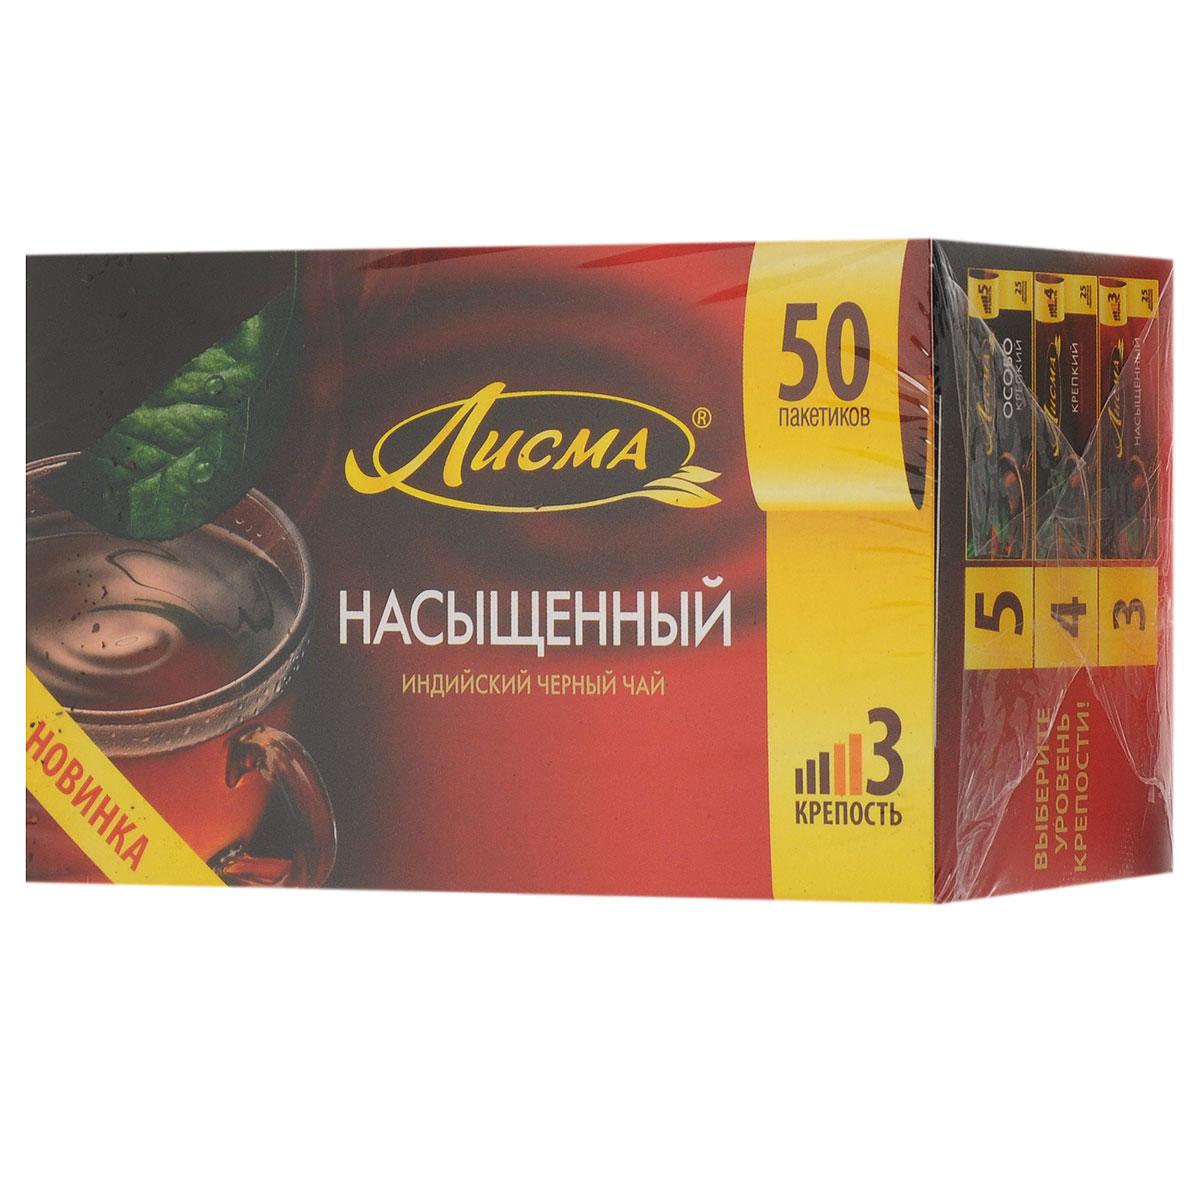 Лисма Насыщенный черный чай в пакетиках, 50 шт